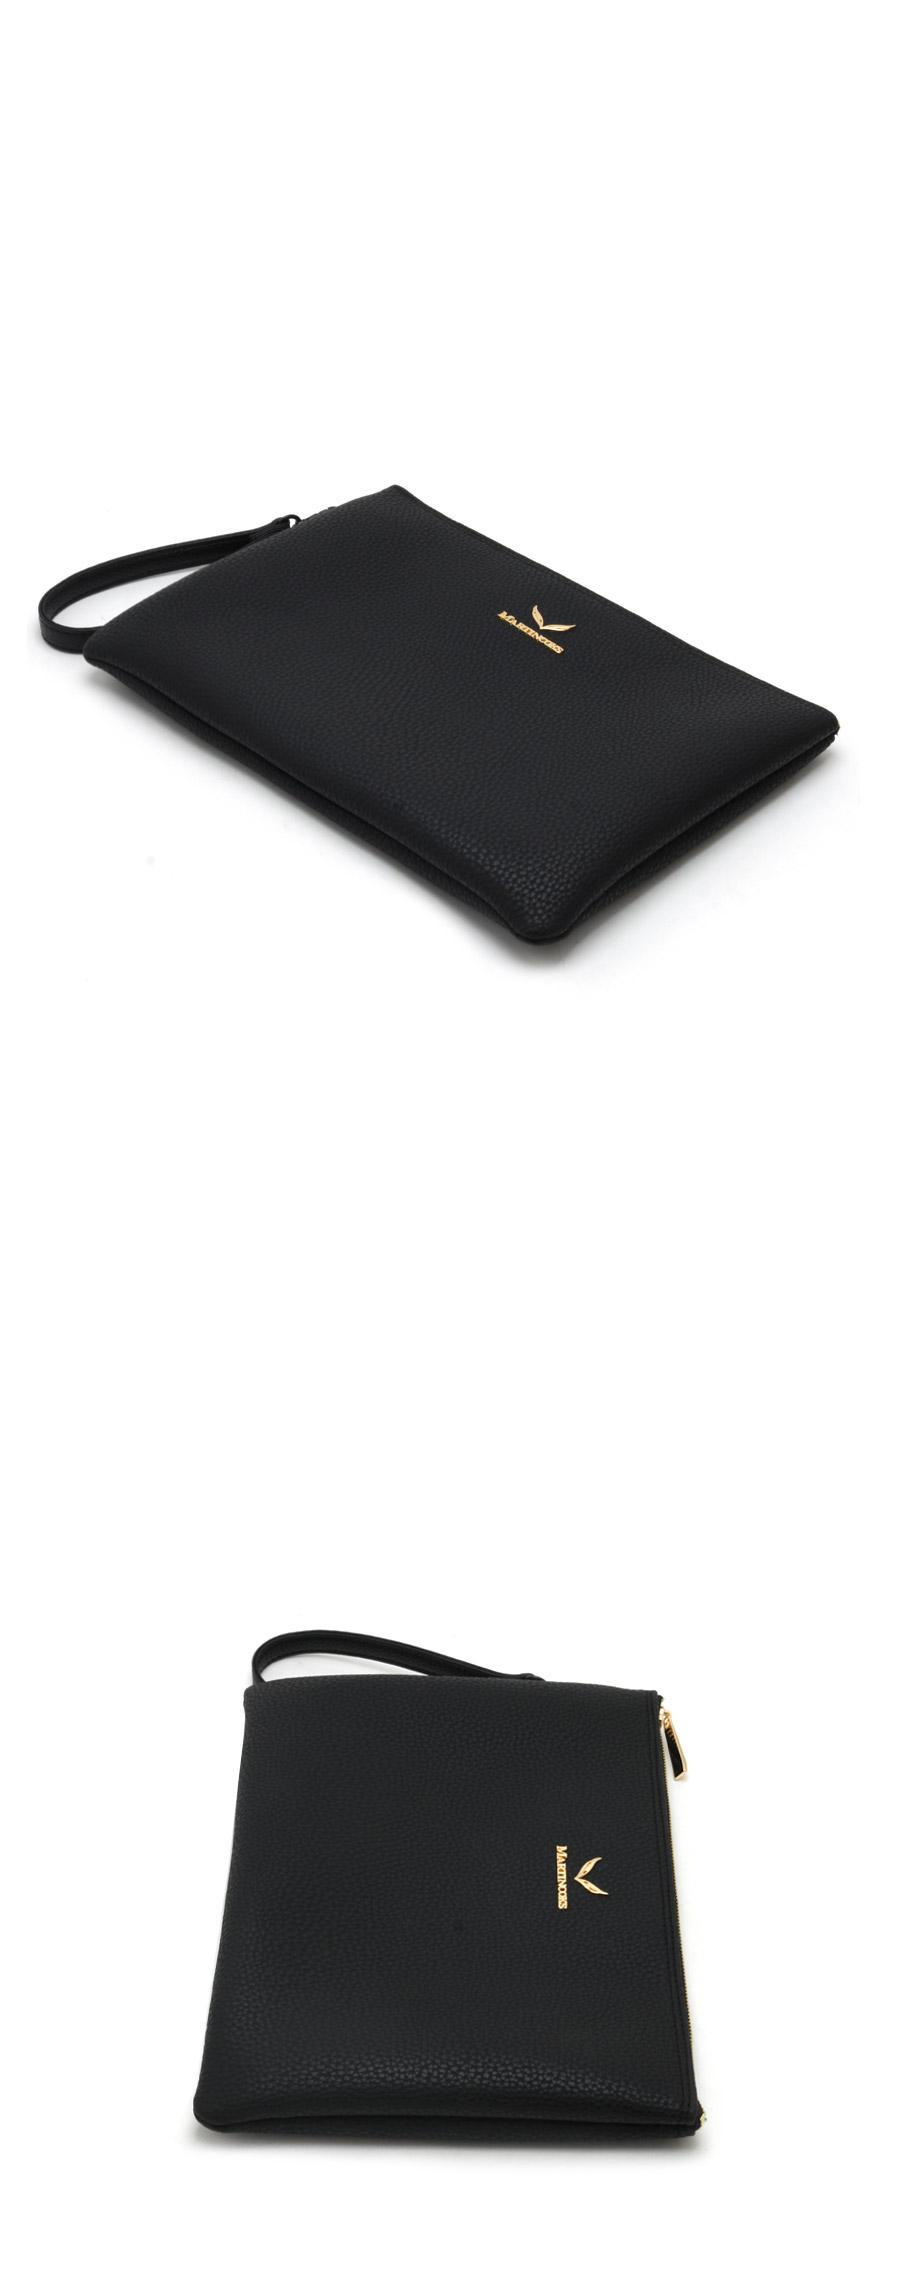 마틴콕스(MARTINCOKS) 크리스 클러치백 [블랙] CH-DS-BLACK-GOLD